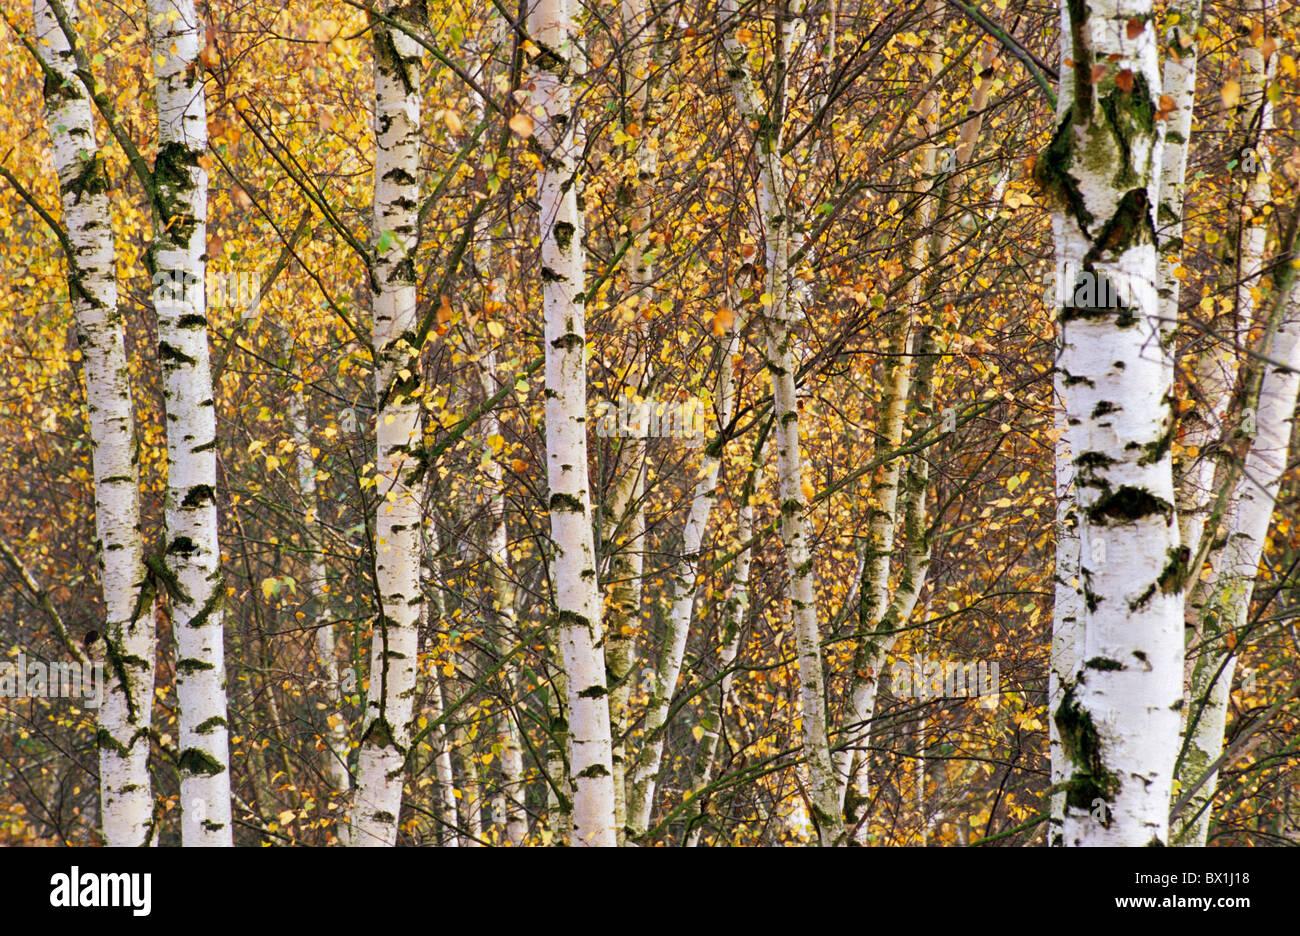 Birkenholz Farbe birke wald anordnung böhmen hintergrund hintergründe birke birke